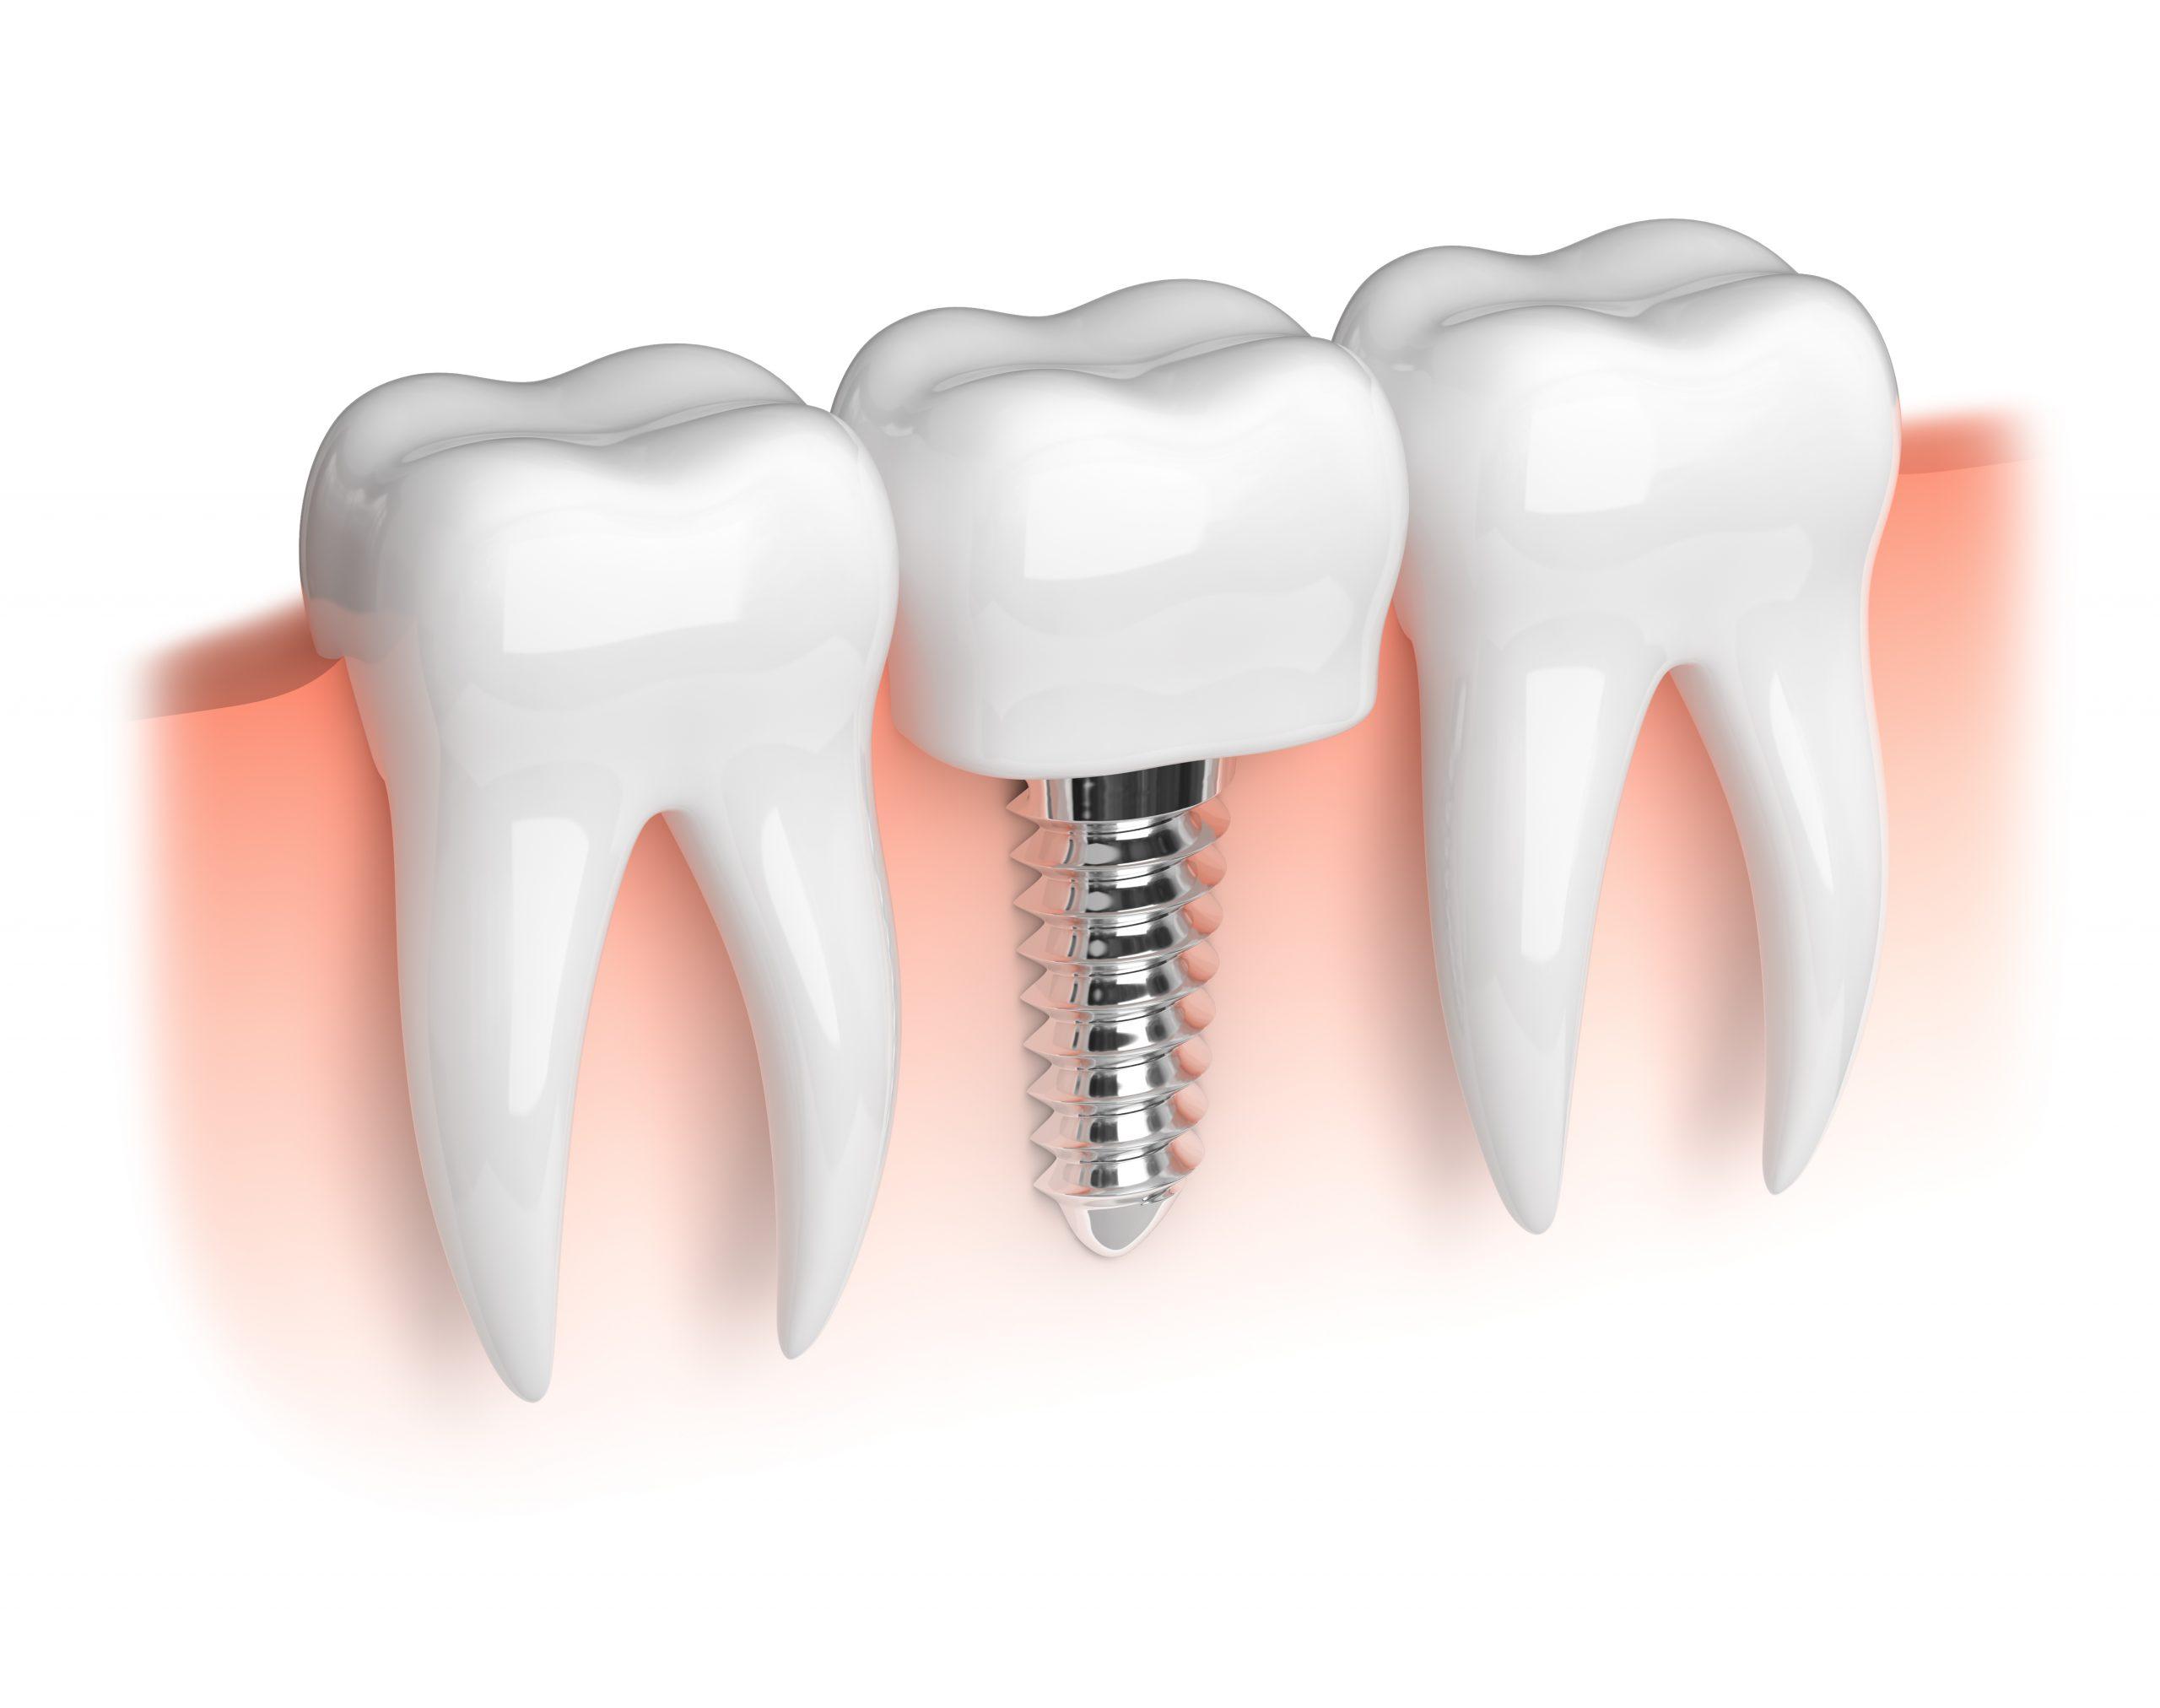 implantologia a carico immediato quanto costa 3